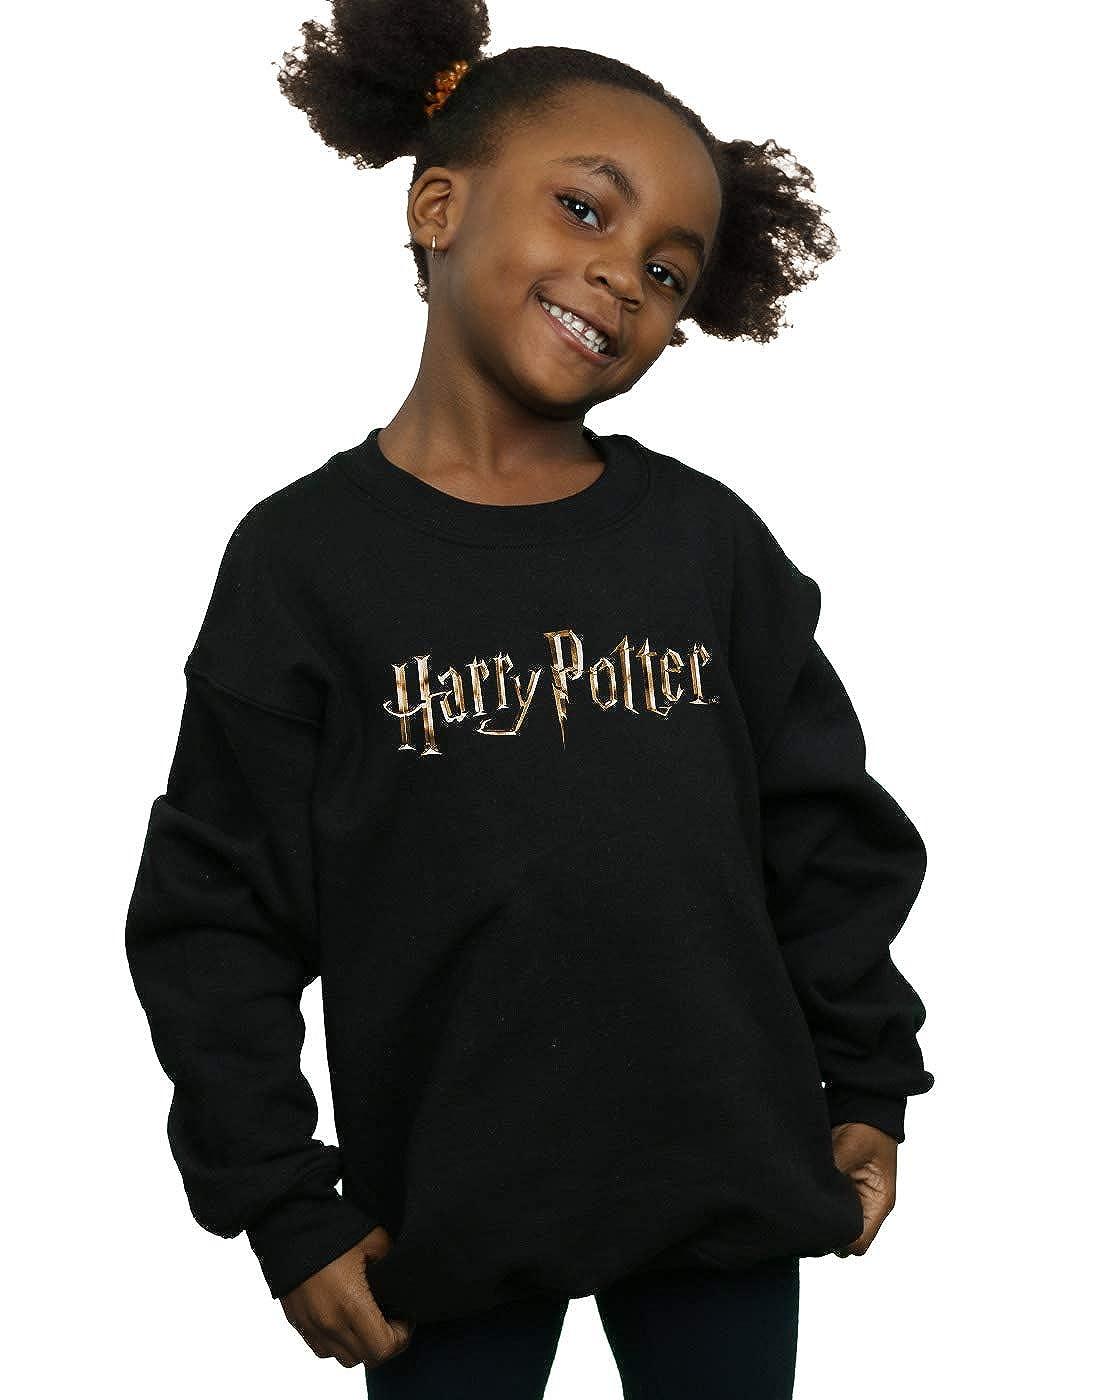 Harry Potter Niñas Full Colour Logo Camisa De Entrenamiento: Amazon.es: Ropa y accesorios